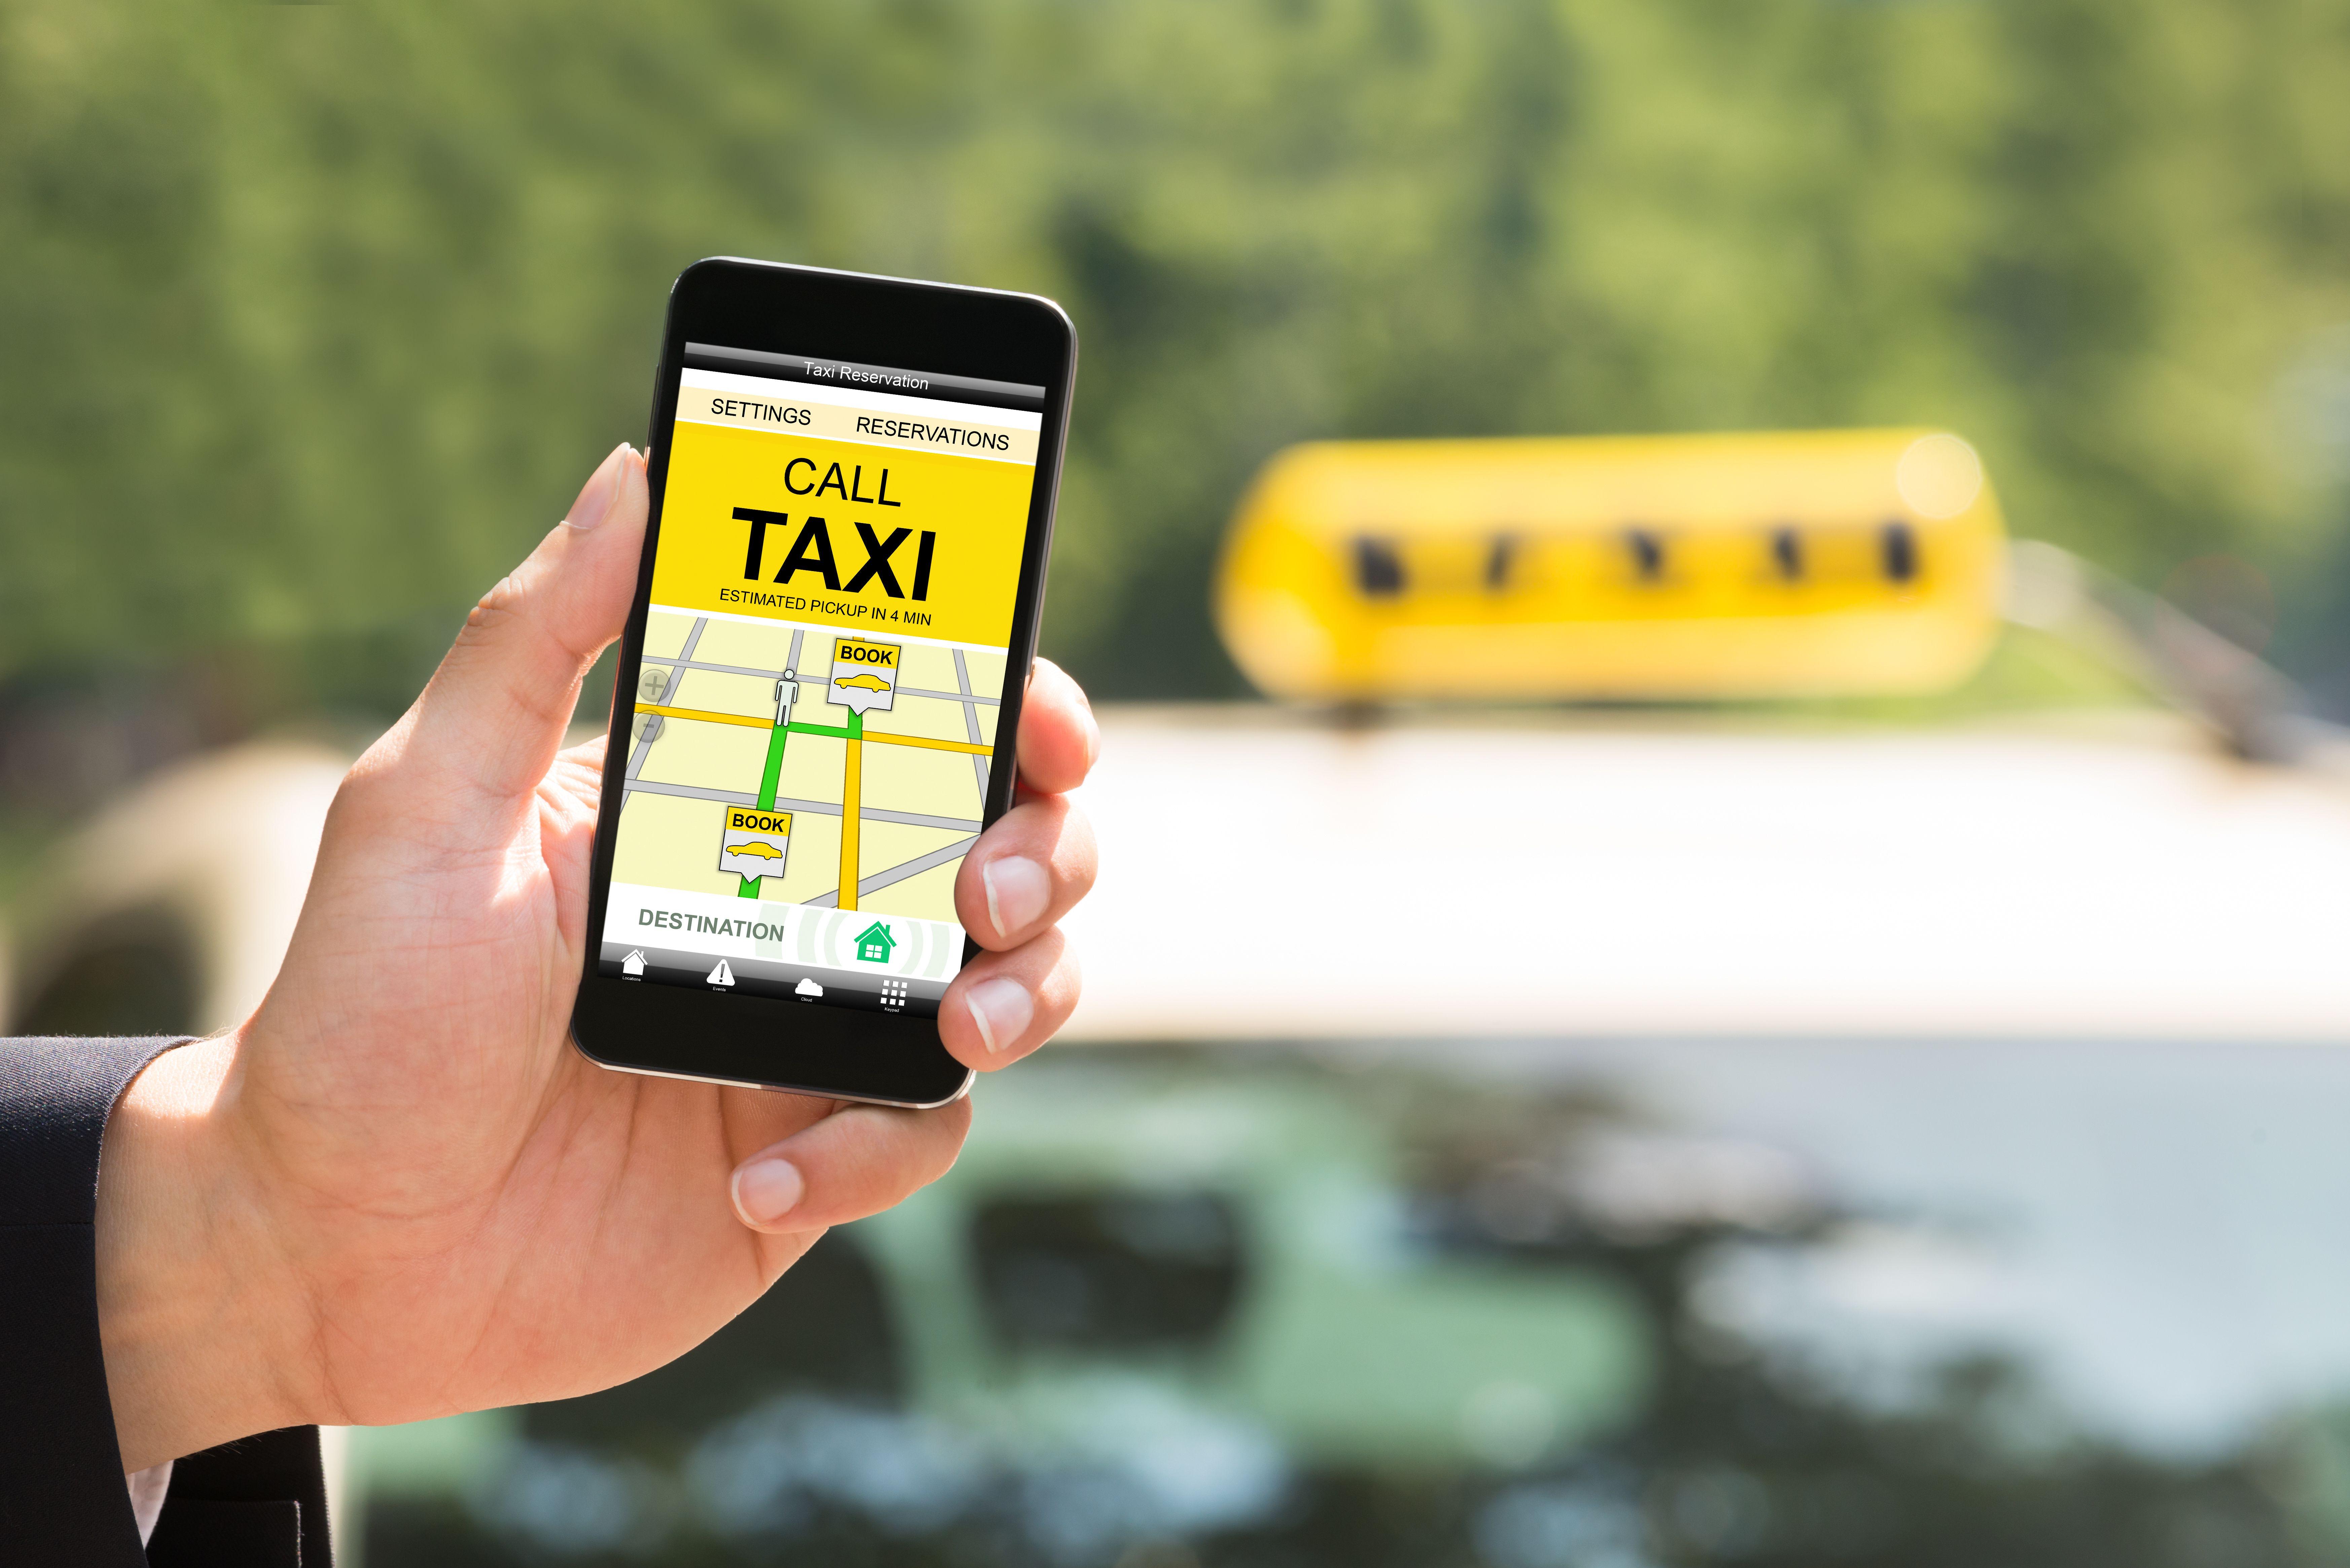 スマホアプリでタクシーを配車する